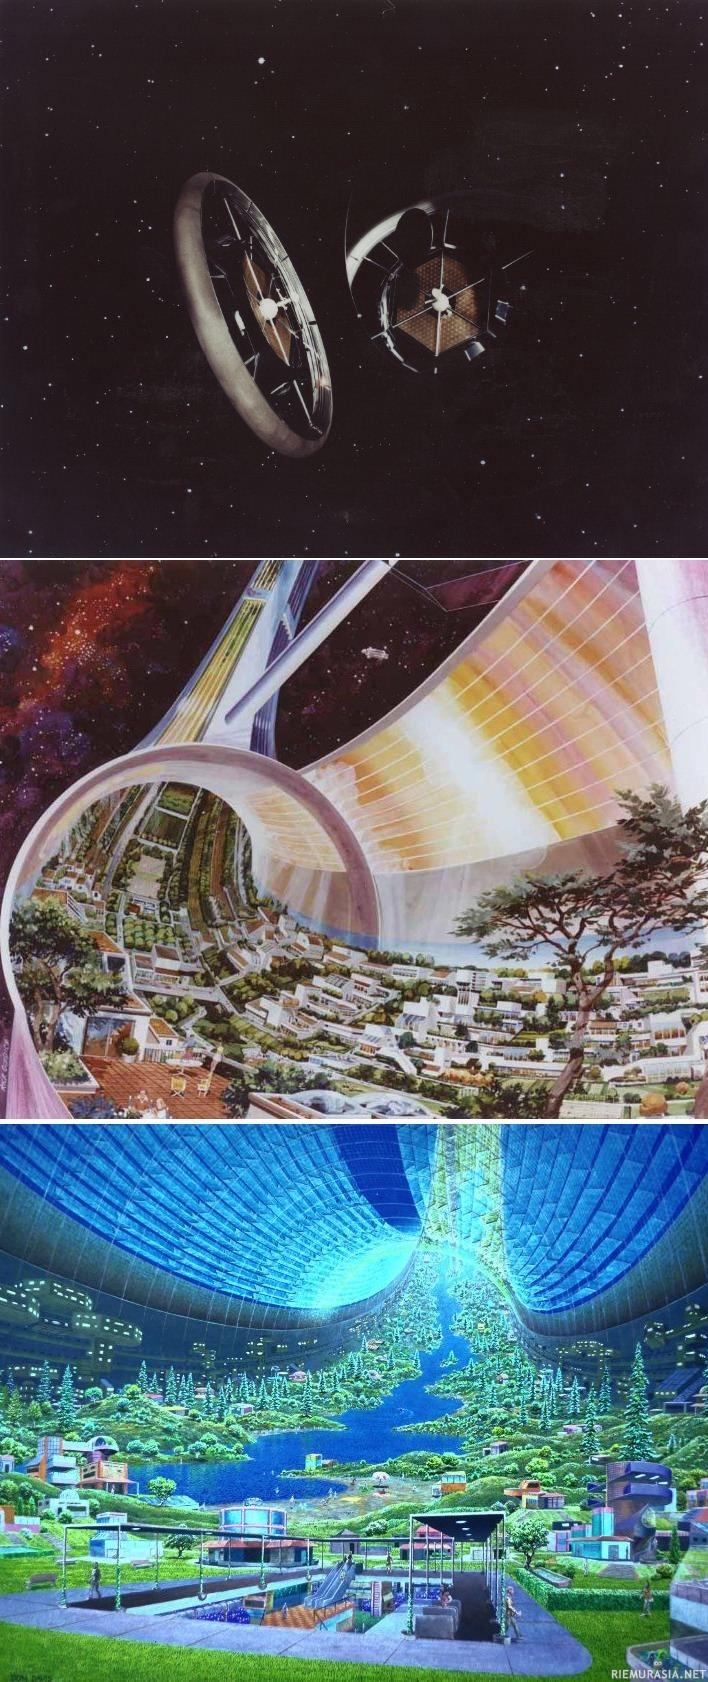 tulevaisuuden ennustus Salo